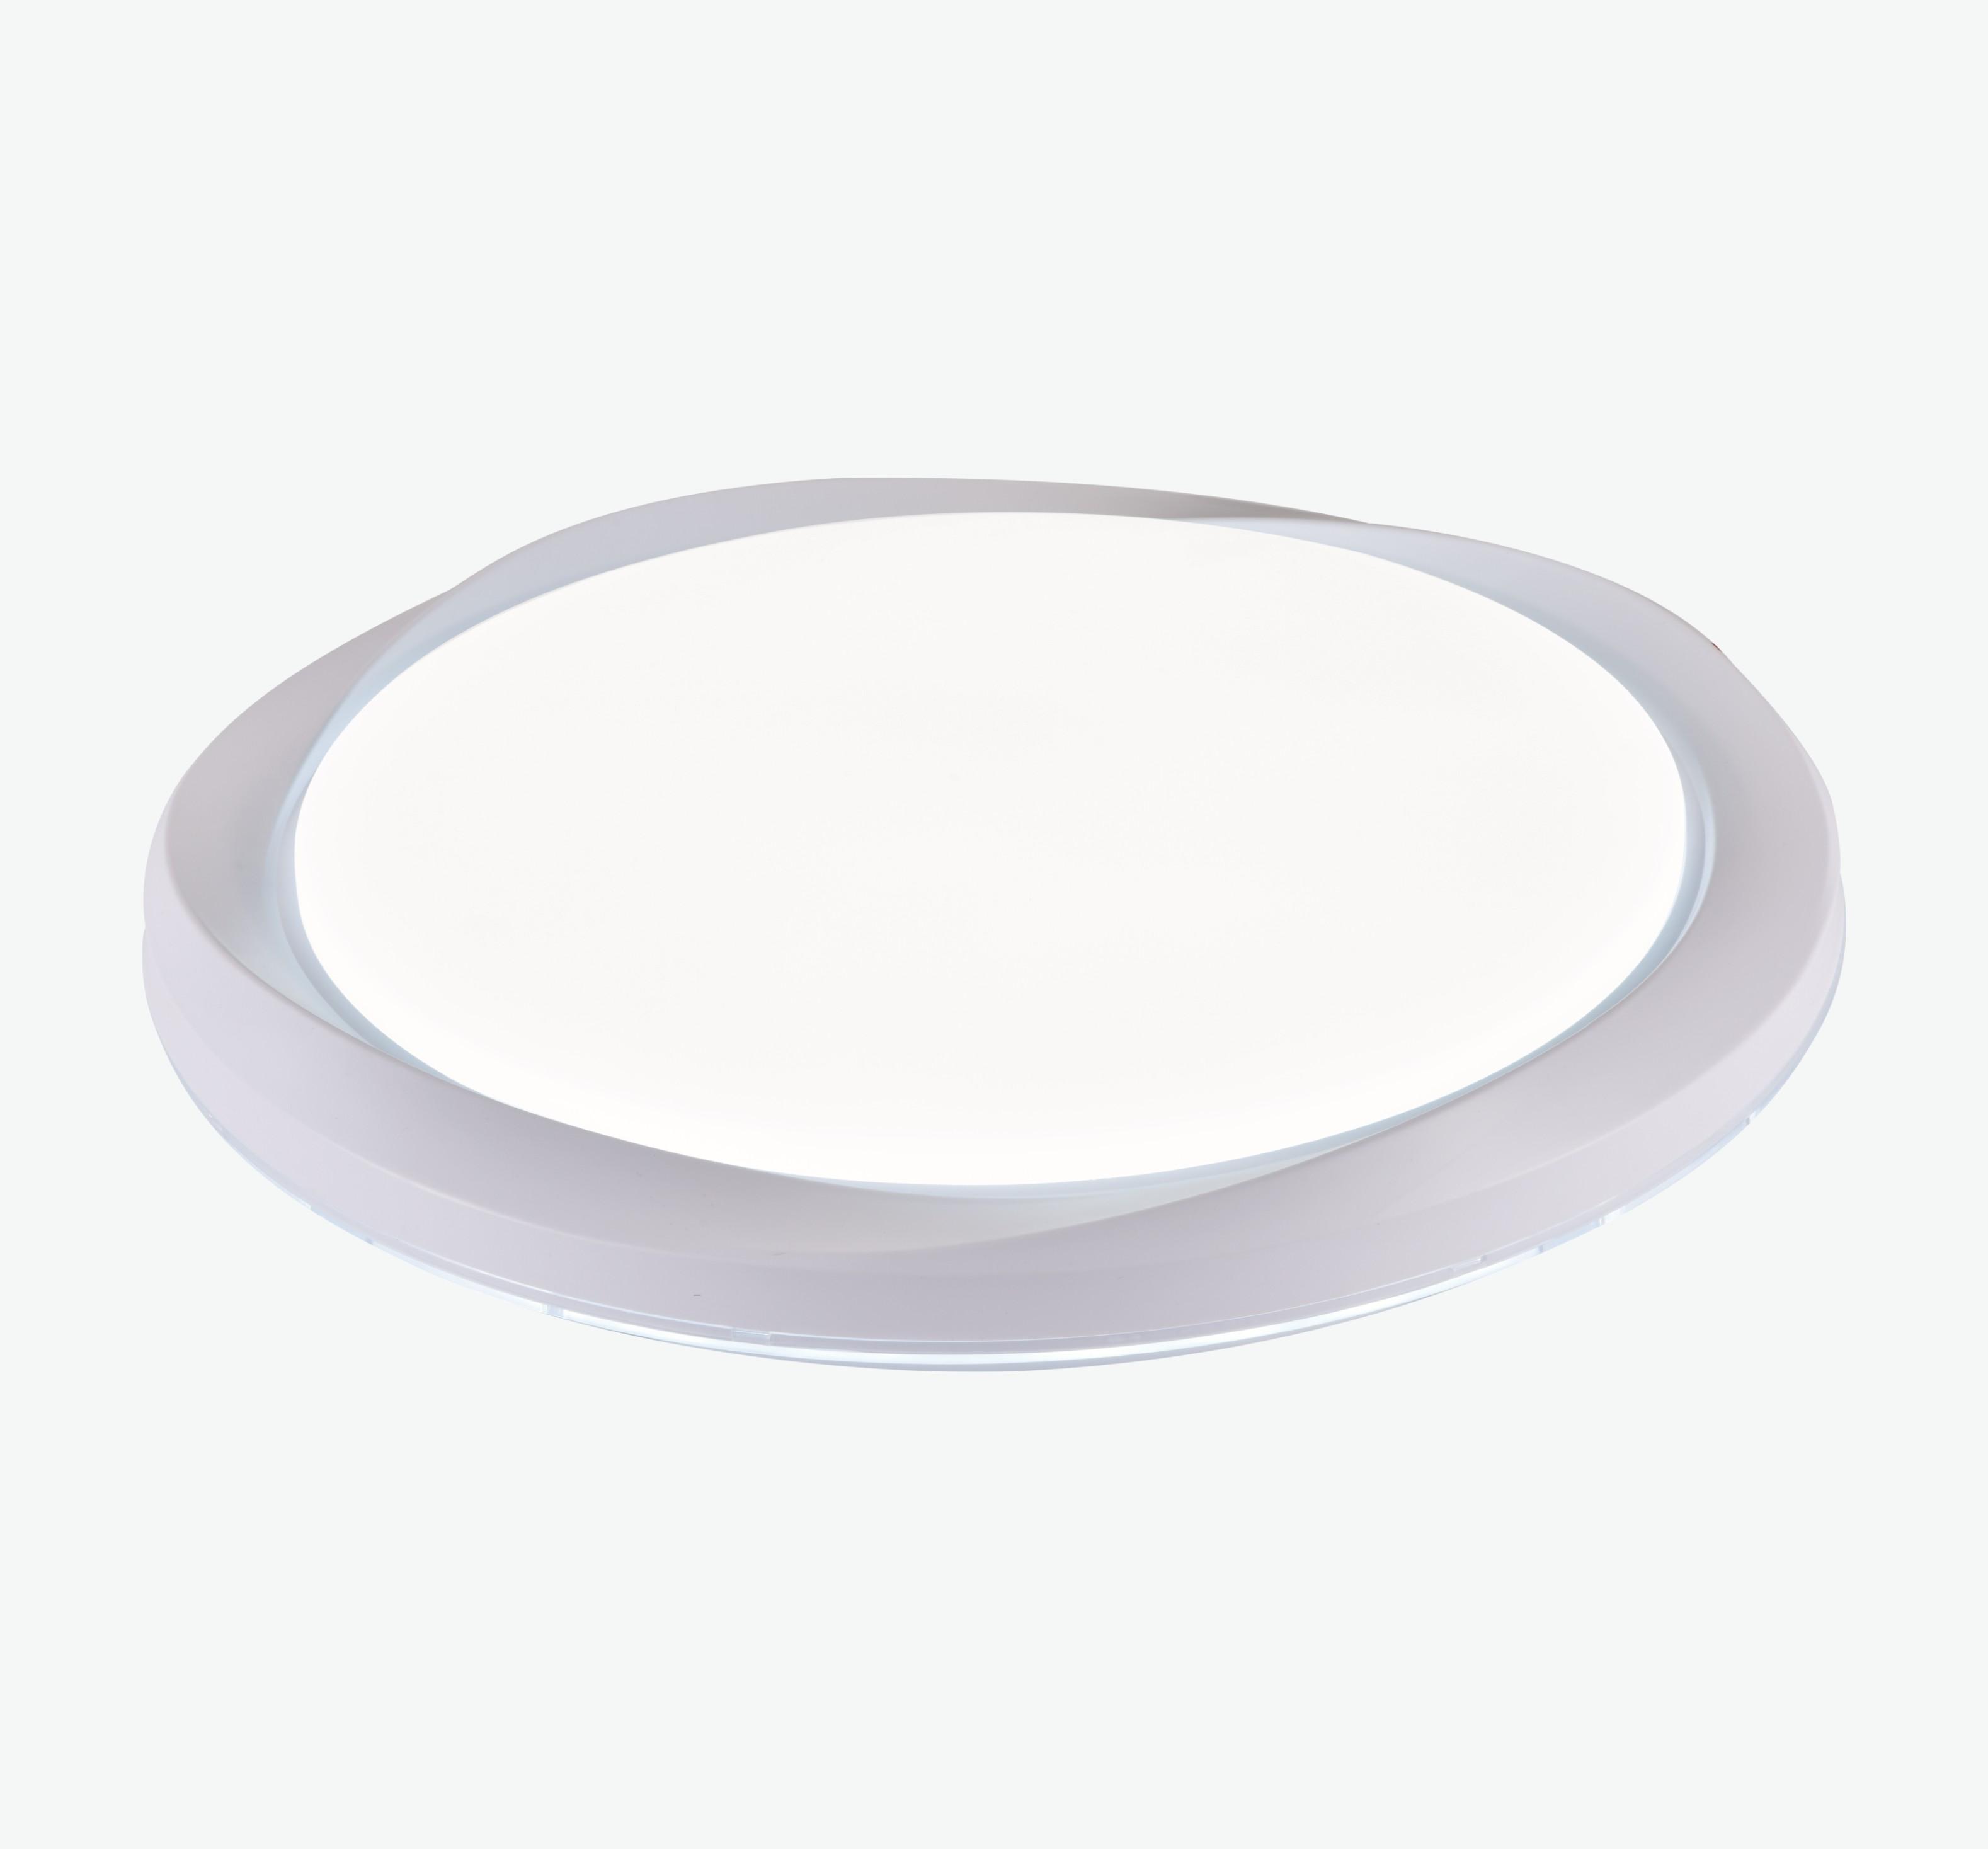 LED现代简约圆形花瓣形外圈吸顶灯